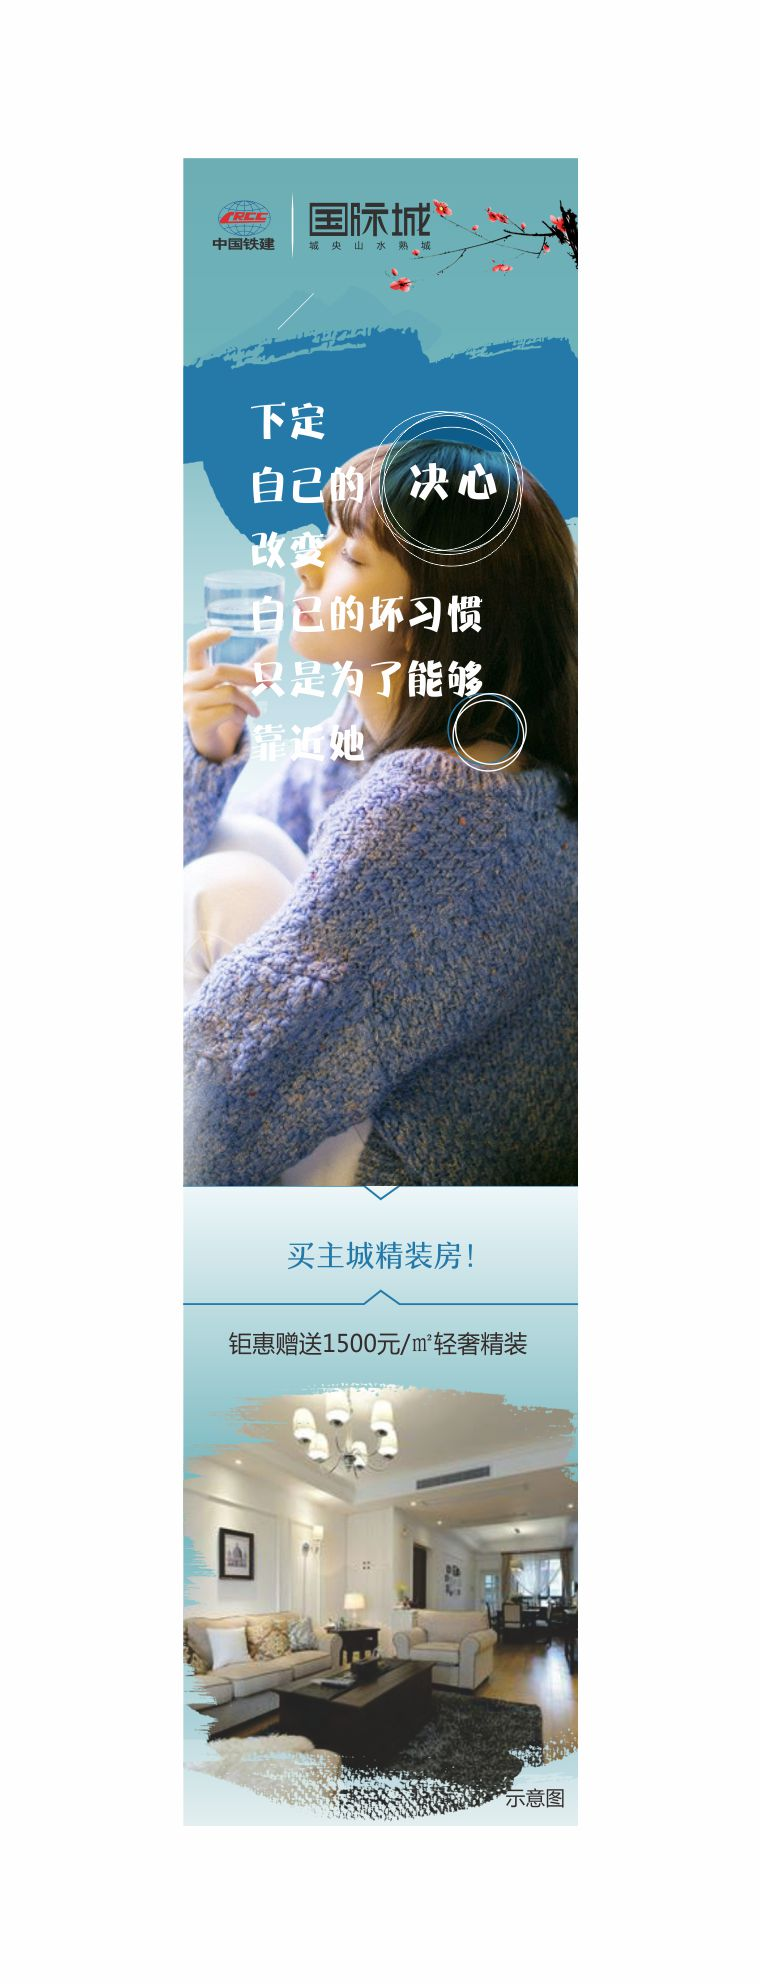 微信端朋友圈九宫格|banner/广告图|网页|施丽珠18岁